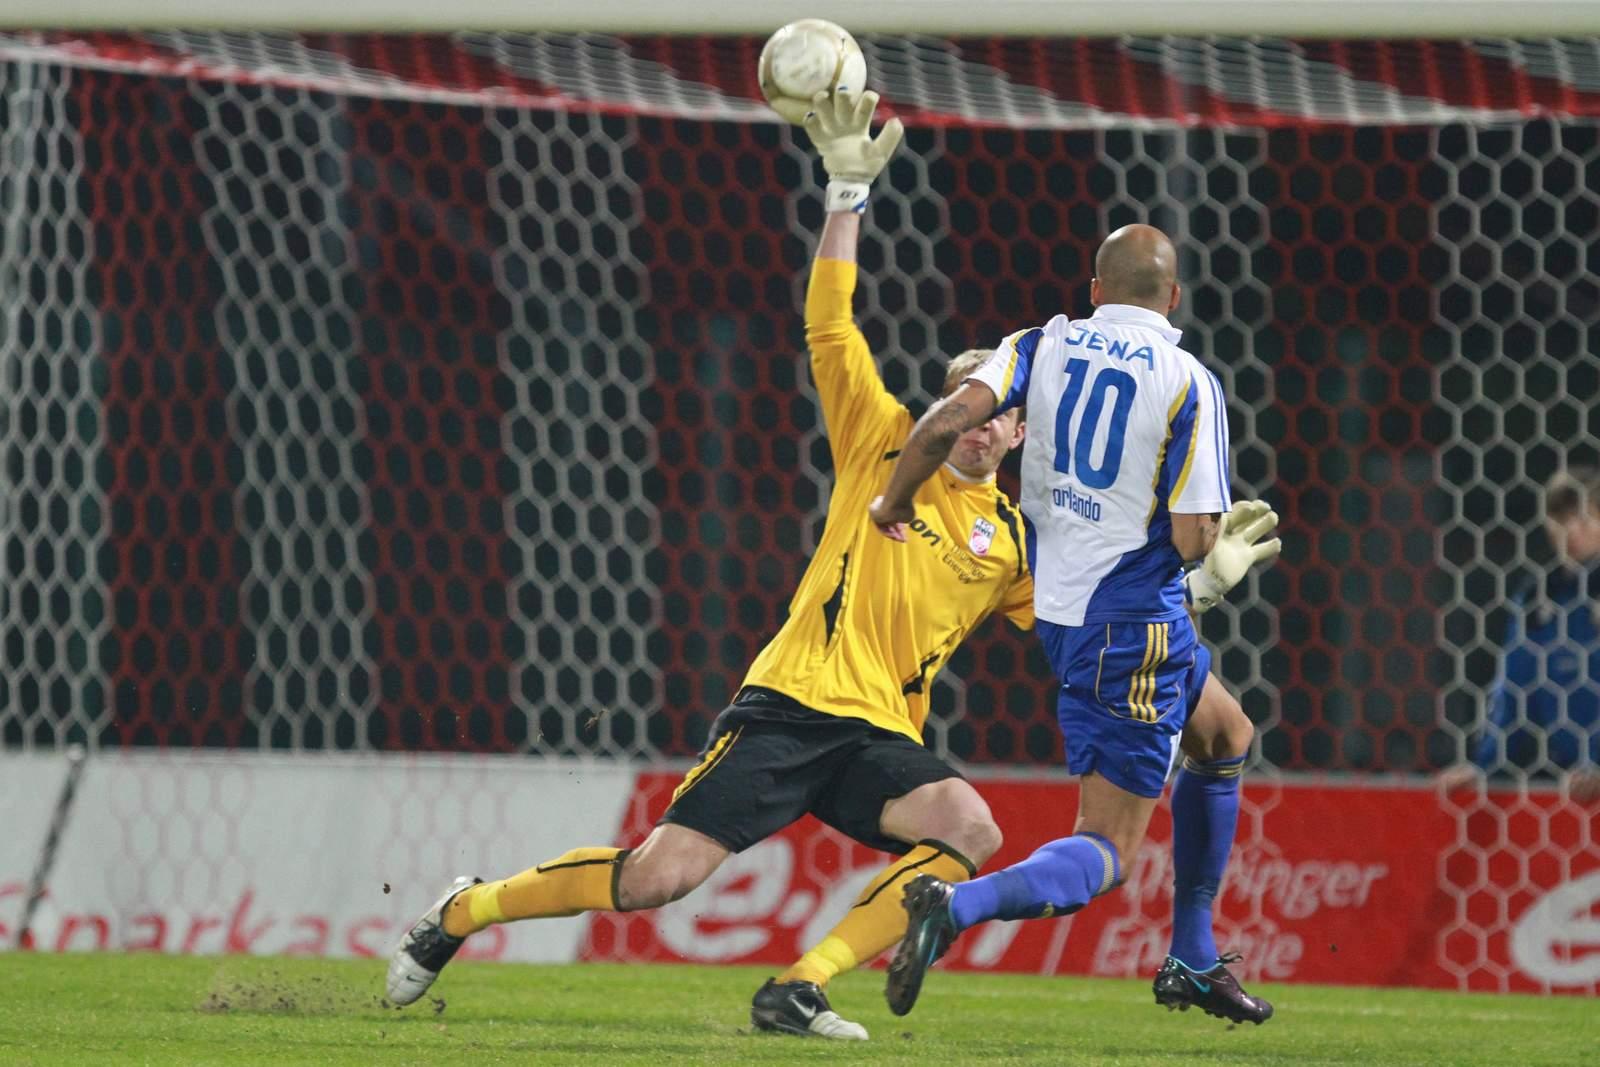 Orlando Smeekes erzielt ein Tor für den FCC gegen Dirk Orlishausen und Rot Weiß Erfurt. Jetzt steht erneut ein Thüringen Derby vor der Tür.